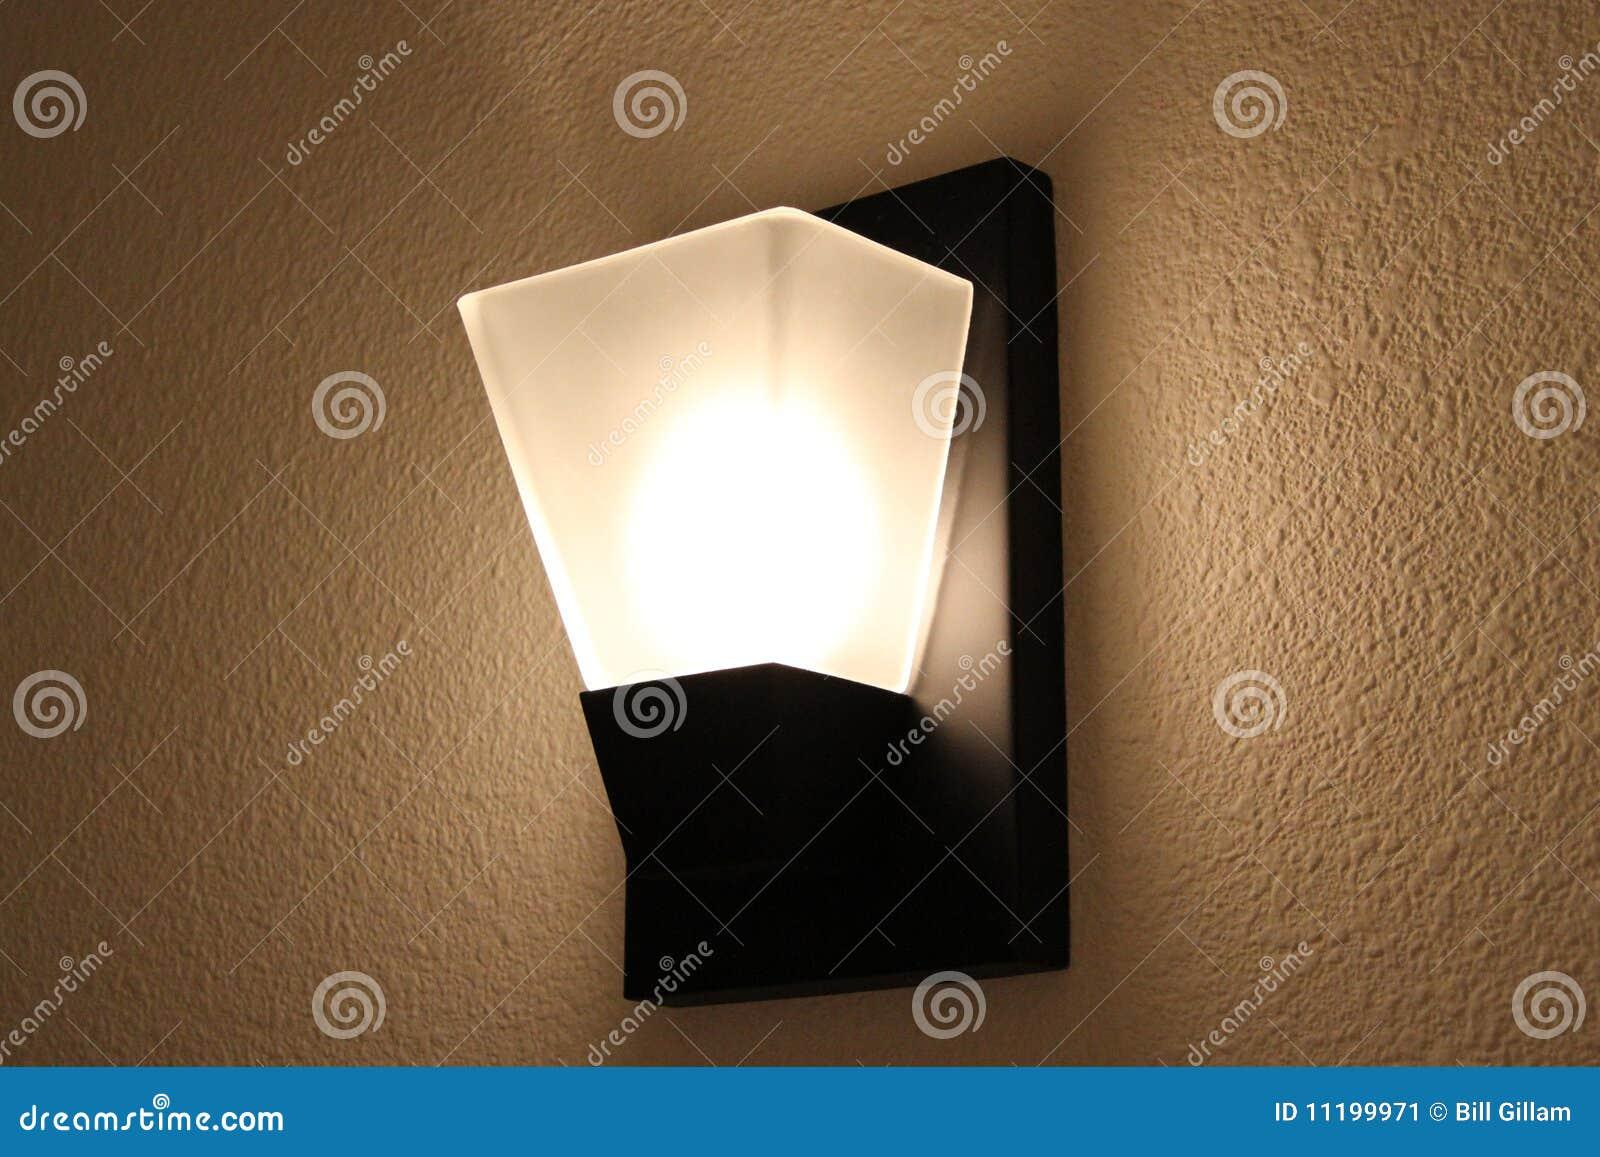 download wall. Parete con finitura ad intonaco by Novel